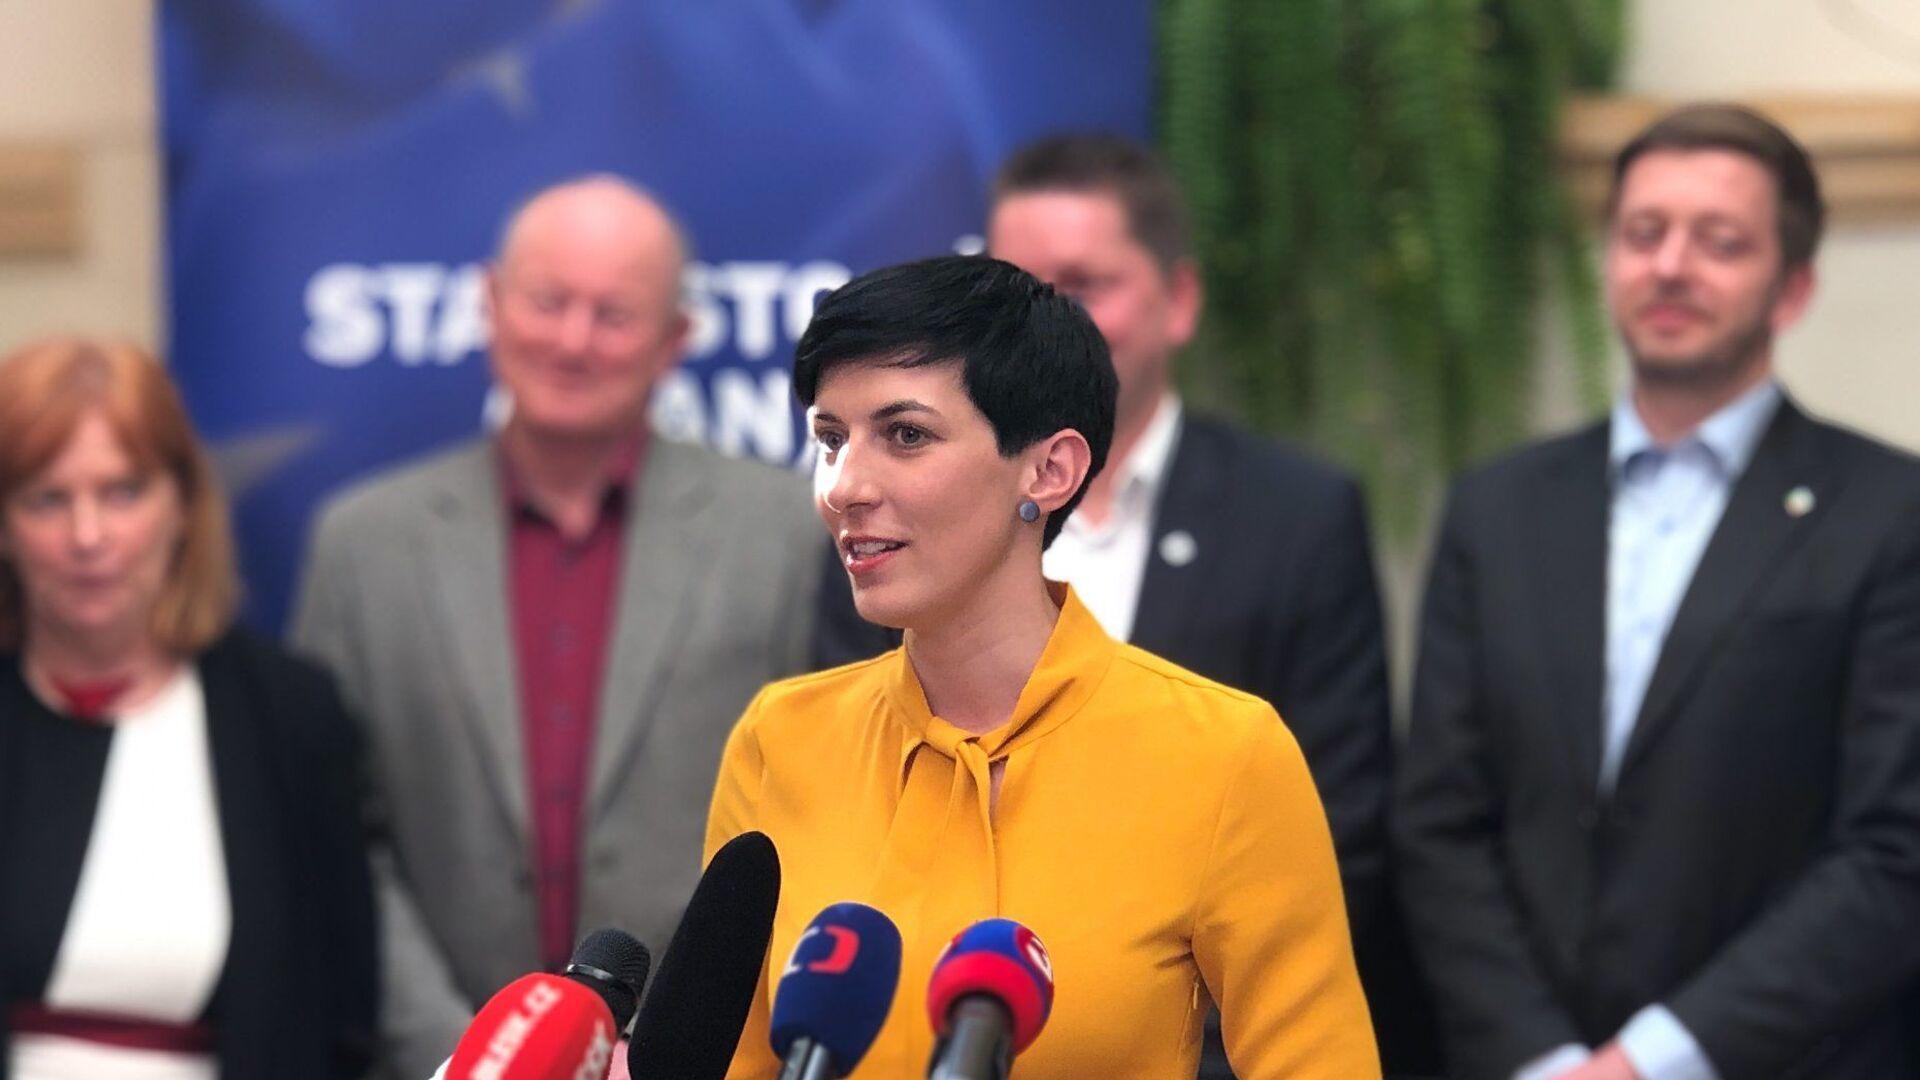 Předsedkyně politické strany TOP 09 Markéta Pekarová Adamová - Sputnik Česká republika, 1920, 15.05.2021